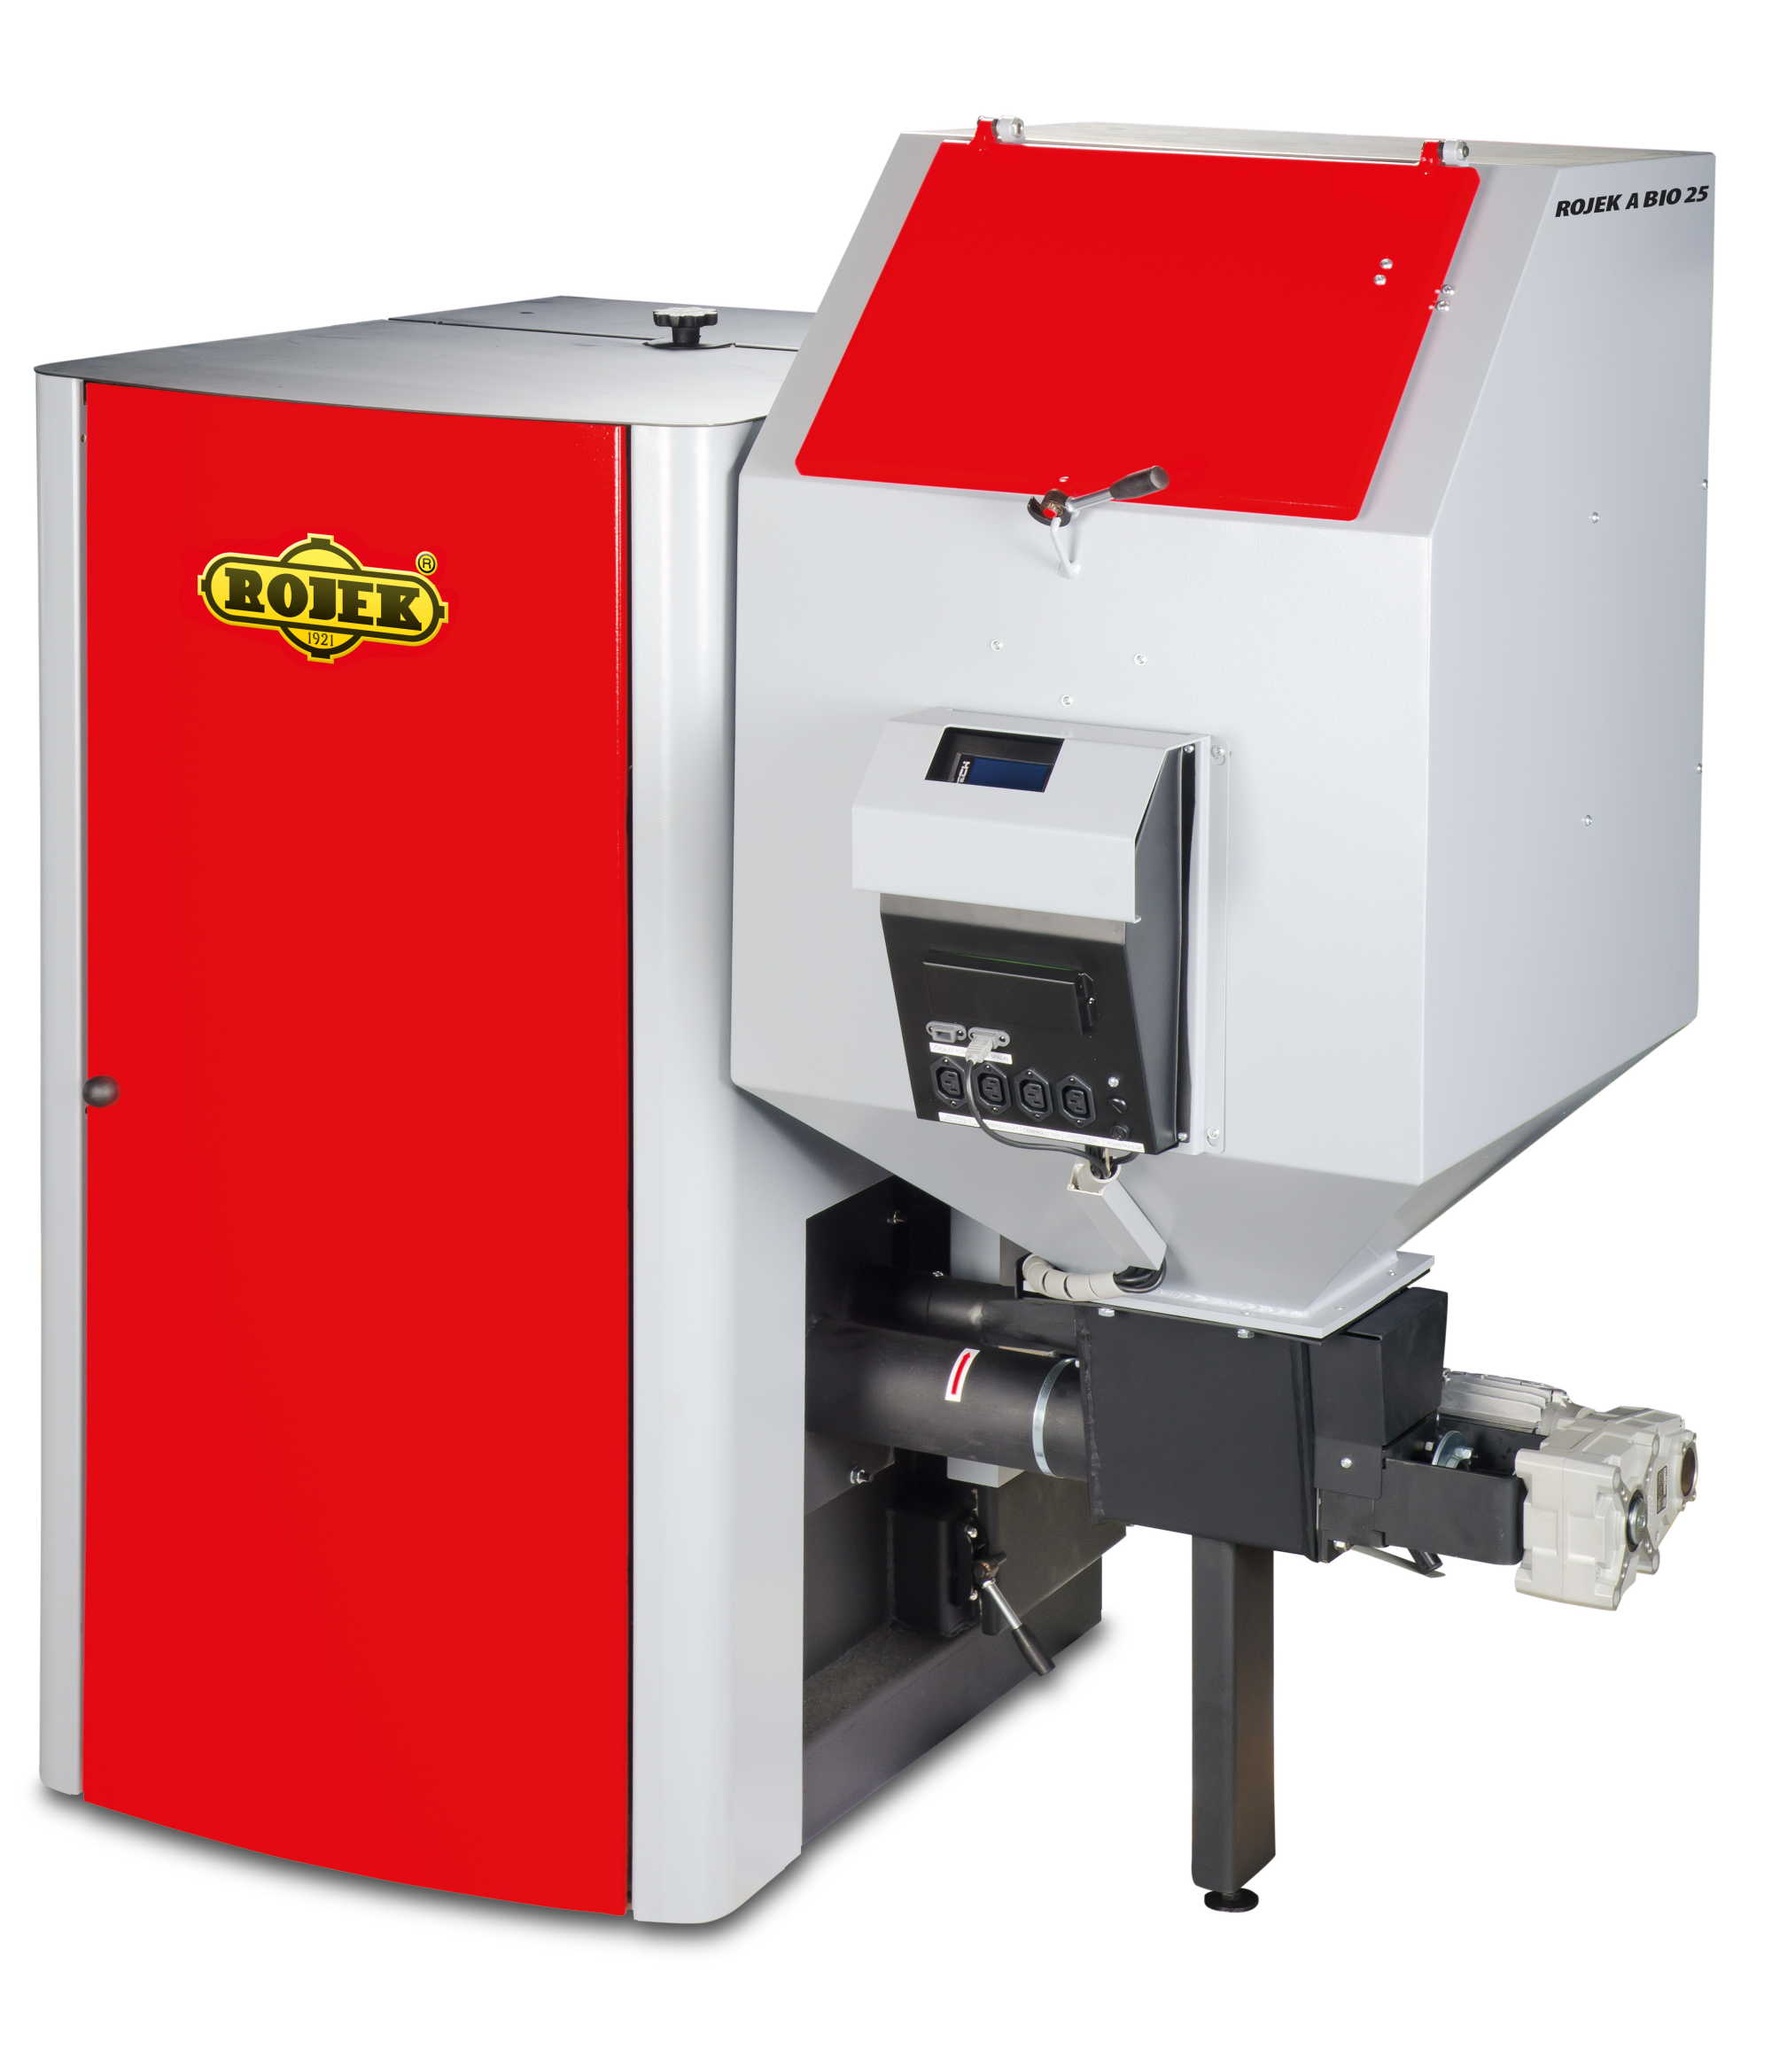 ROJEK A BIO 25 - Automatický teplovodní kotel na dřevěné pelety